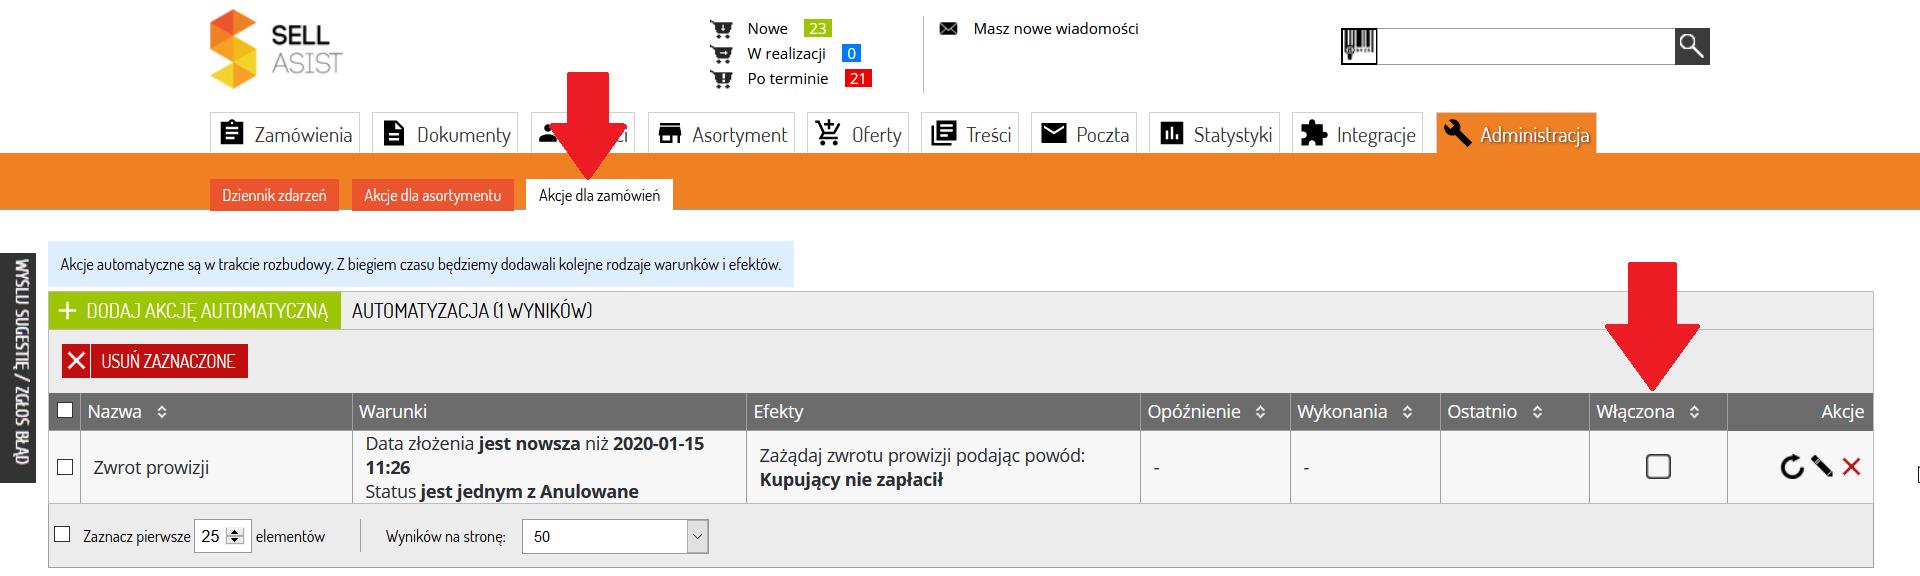 Jak Automatycznie Wystapic O Zwrot Prowizji Z Allegro Zarzadzanie Sprzedaza Internetowa Integracja Sklepu Z Allego Amazon Ebay